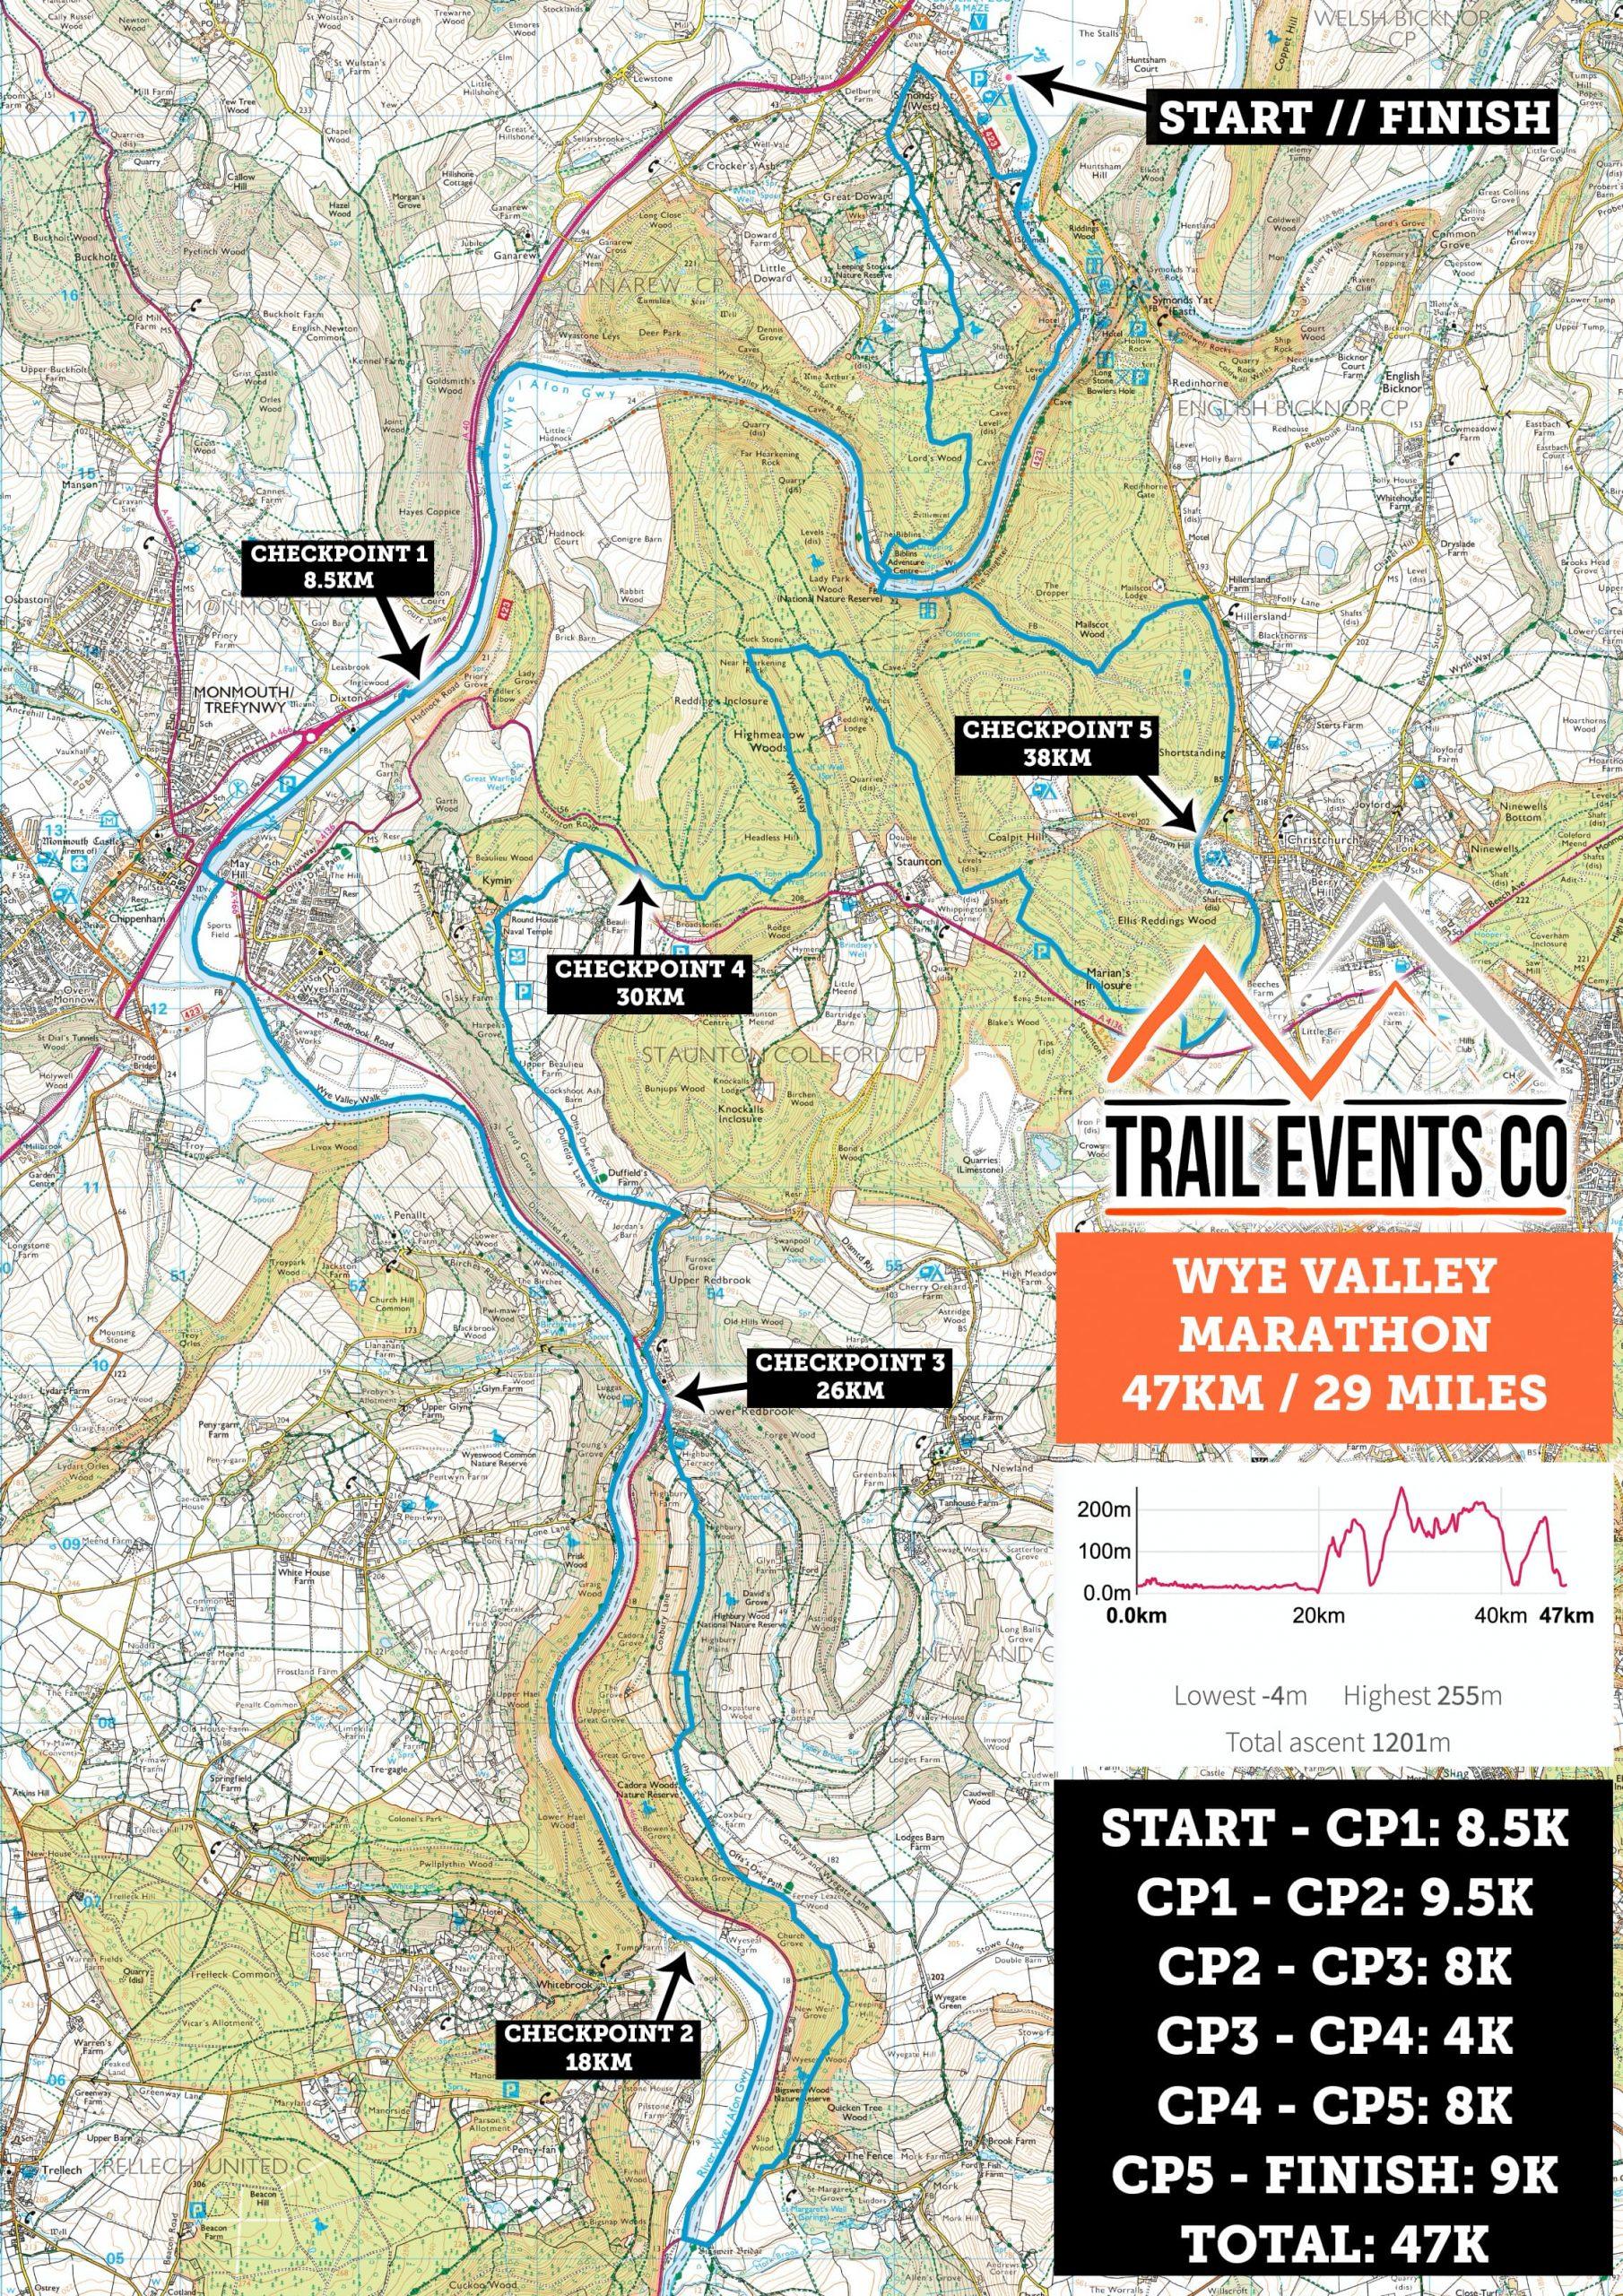 Wye Valley Marathon